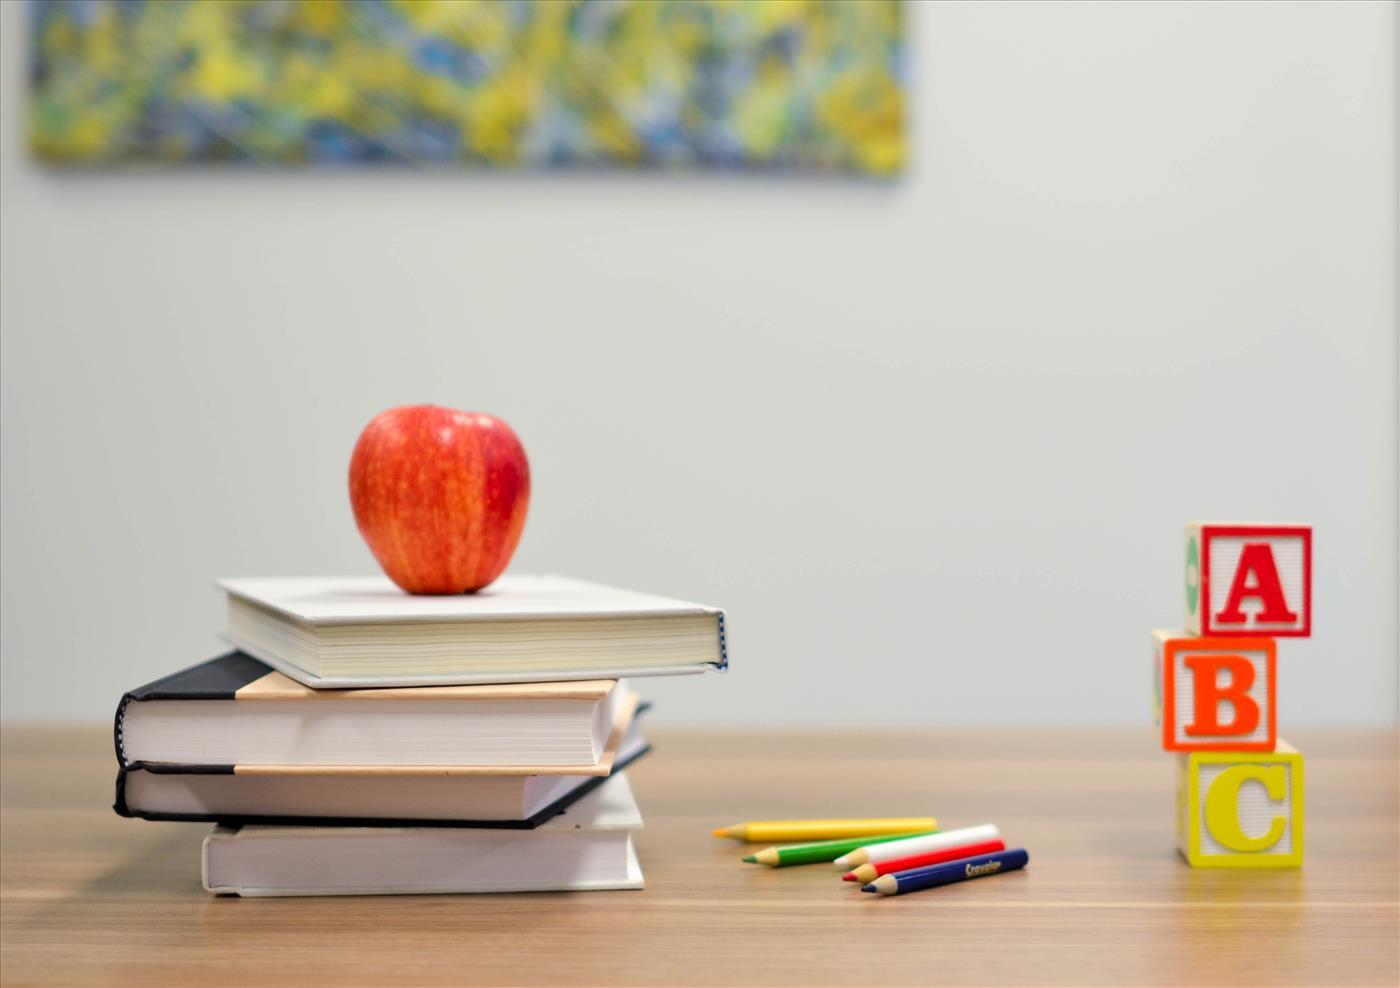 לאיזה תעודת הוראה מכוון המצפן שלך?